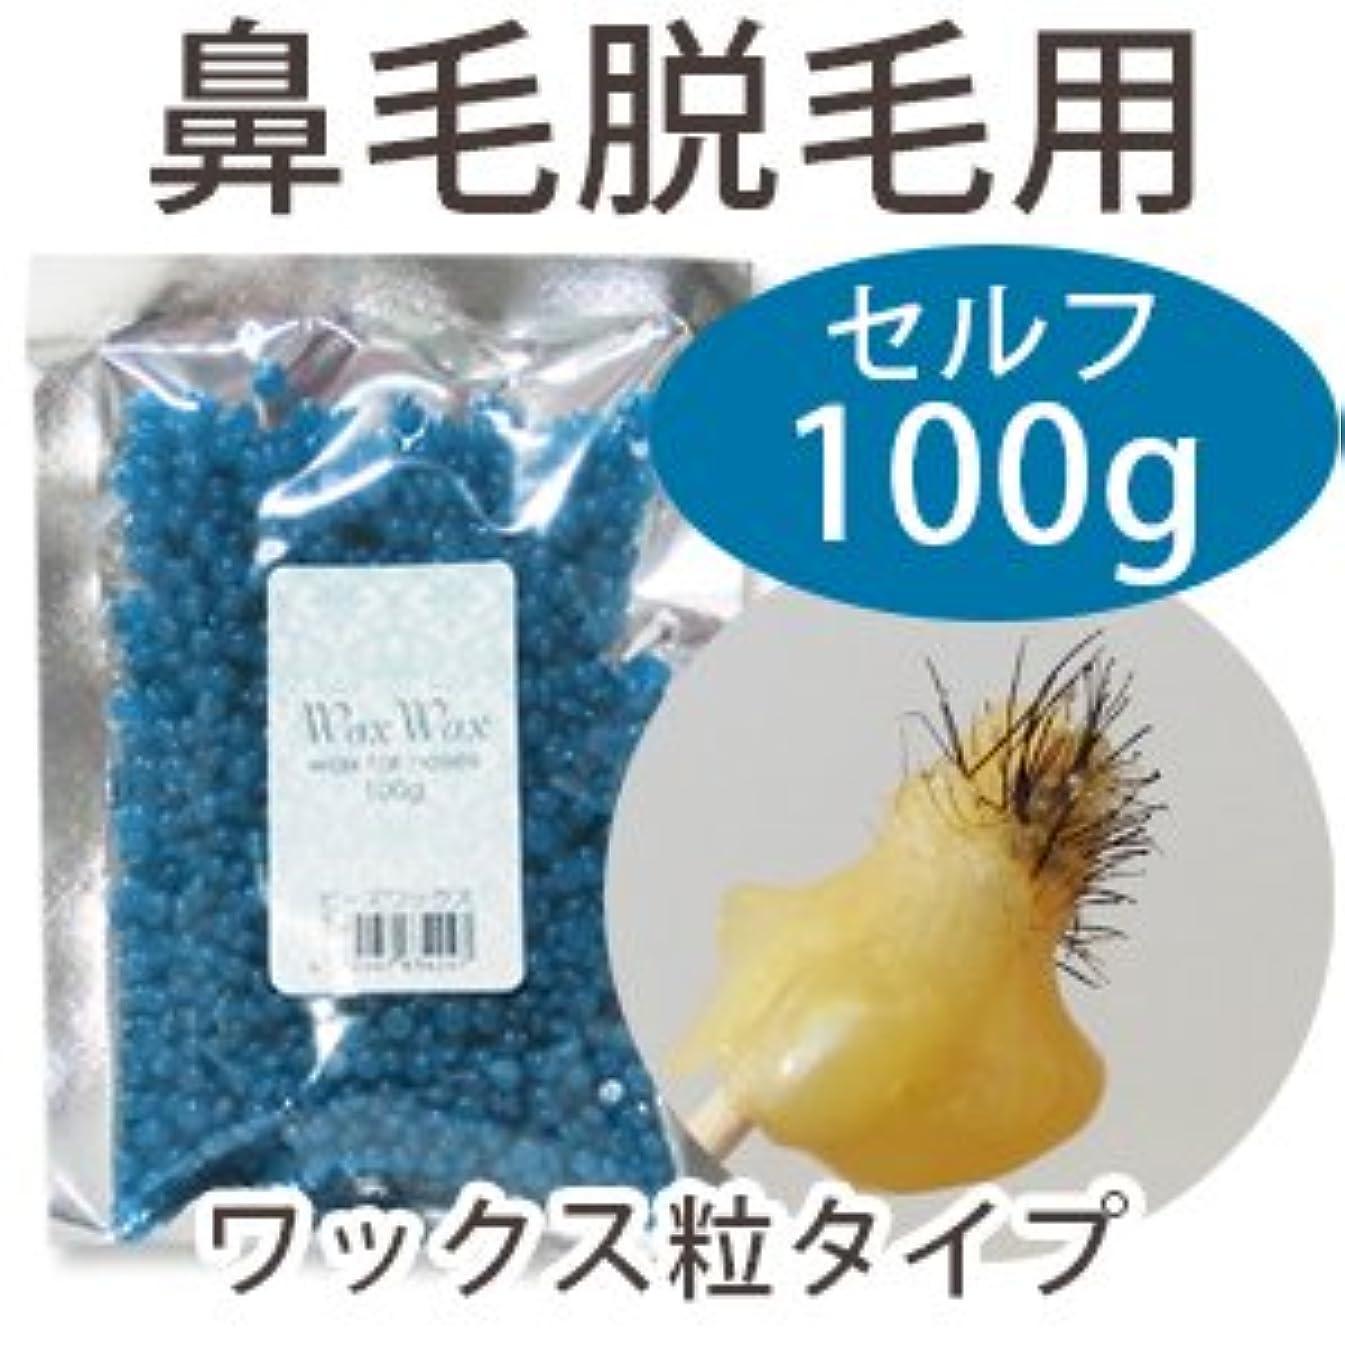 ずっとアルファベットモーション鼻毛 産毛 脱毛 ビーズ ワックス (ブルー 100g)